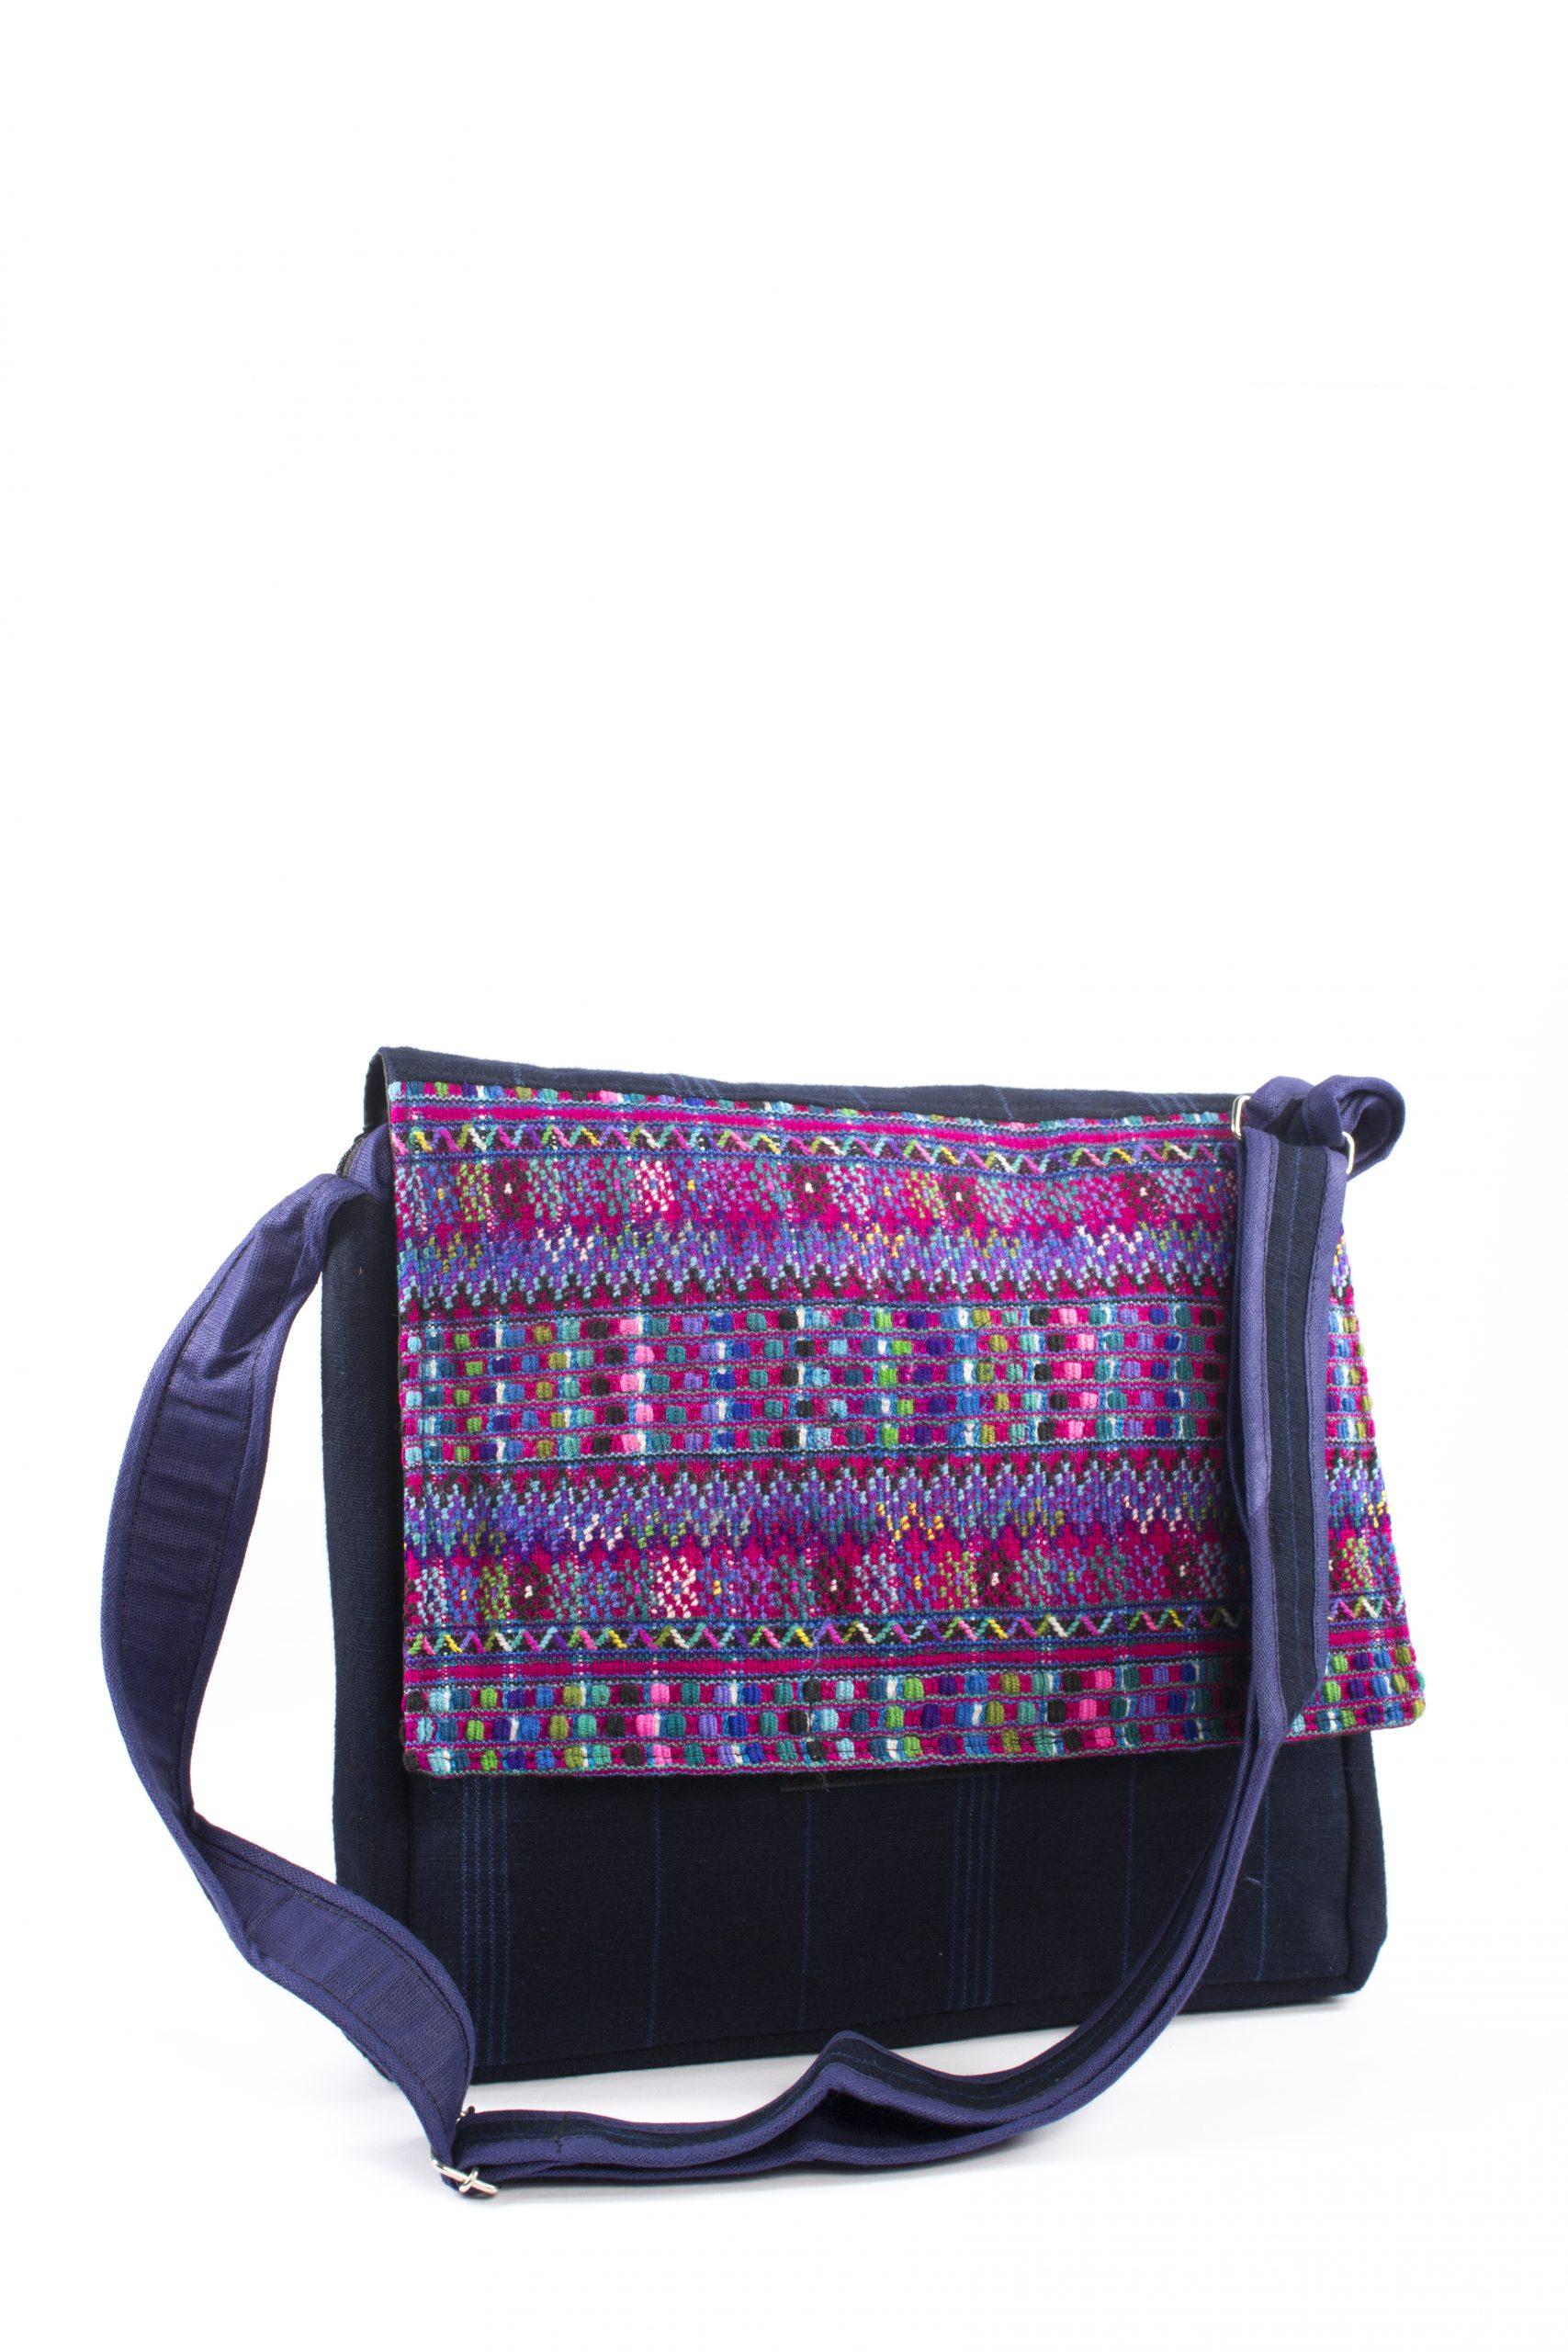 Bohemian Fair Trade Tas Koerier Klep